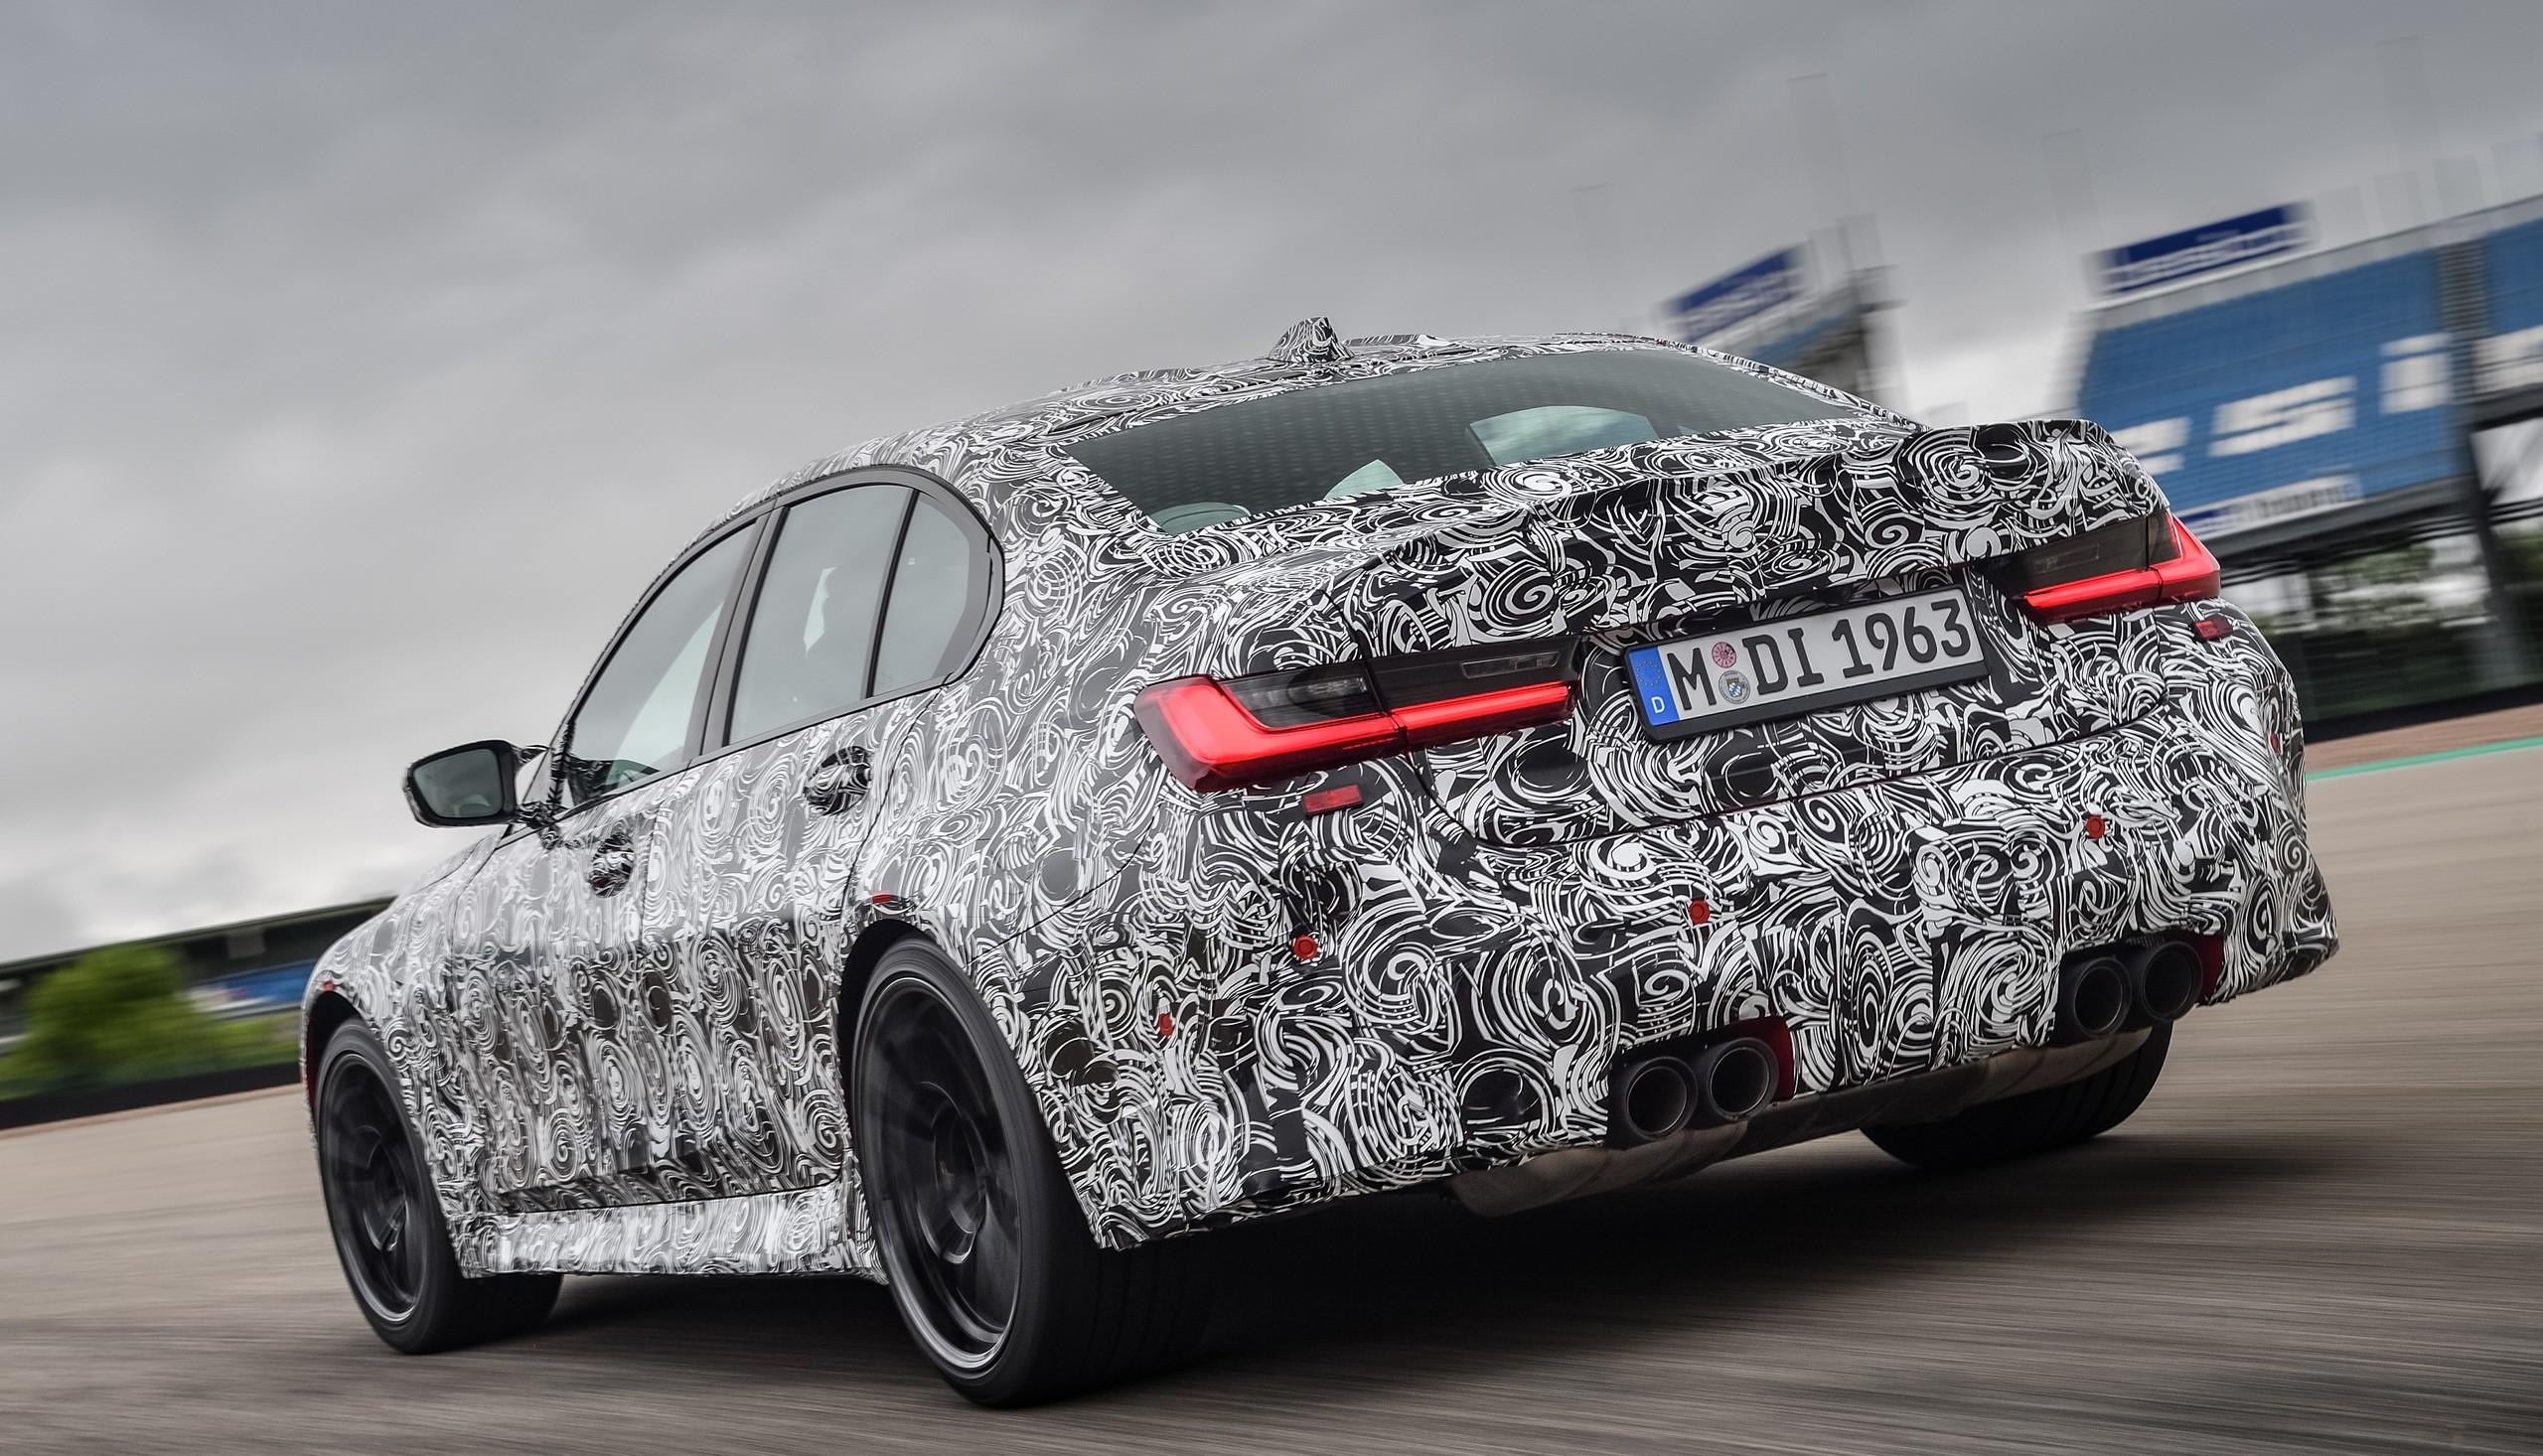 BMW M3 sedán y M4 coupé